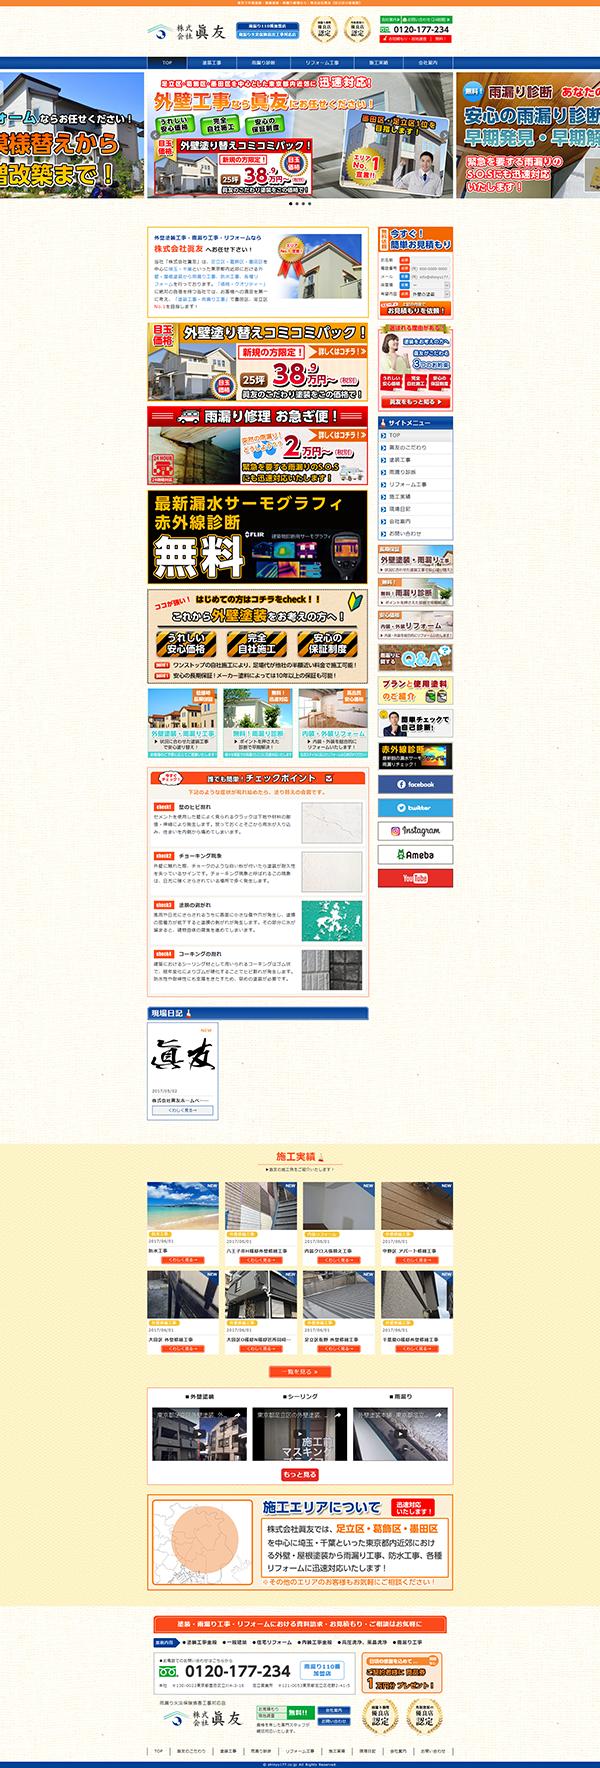 東京で外壁塗装・屋根塗装・雨漏り修理なら|株式会社眞友【足立区の塗装屋】